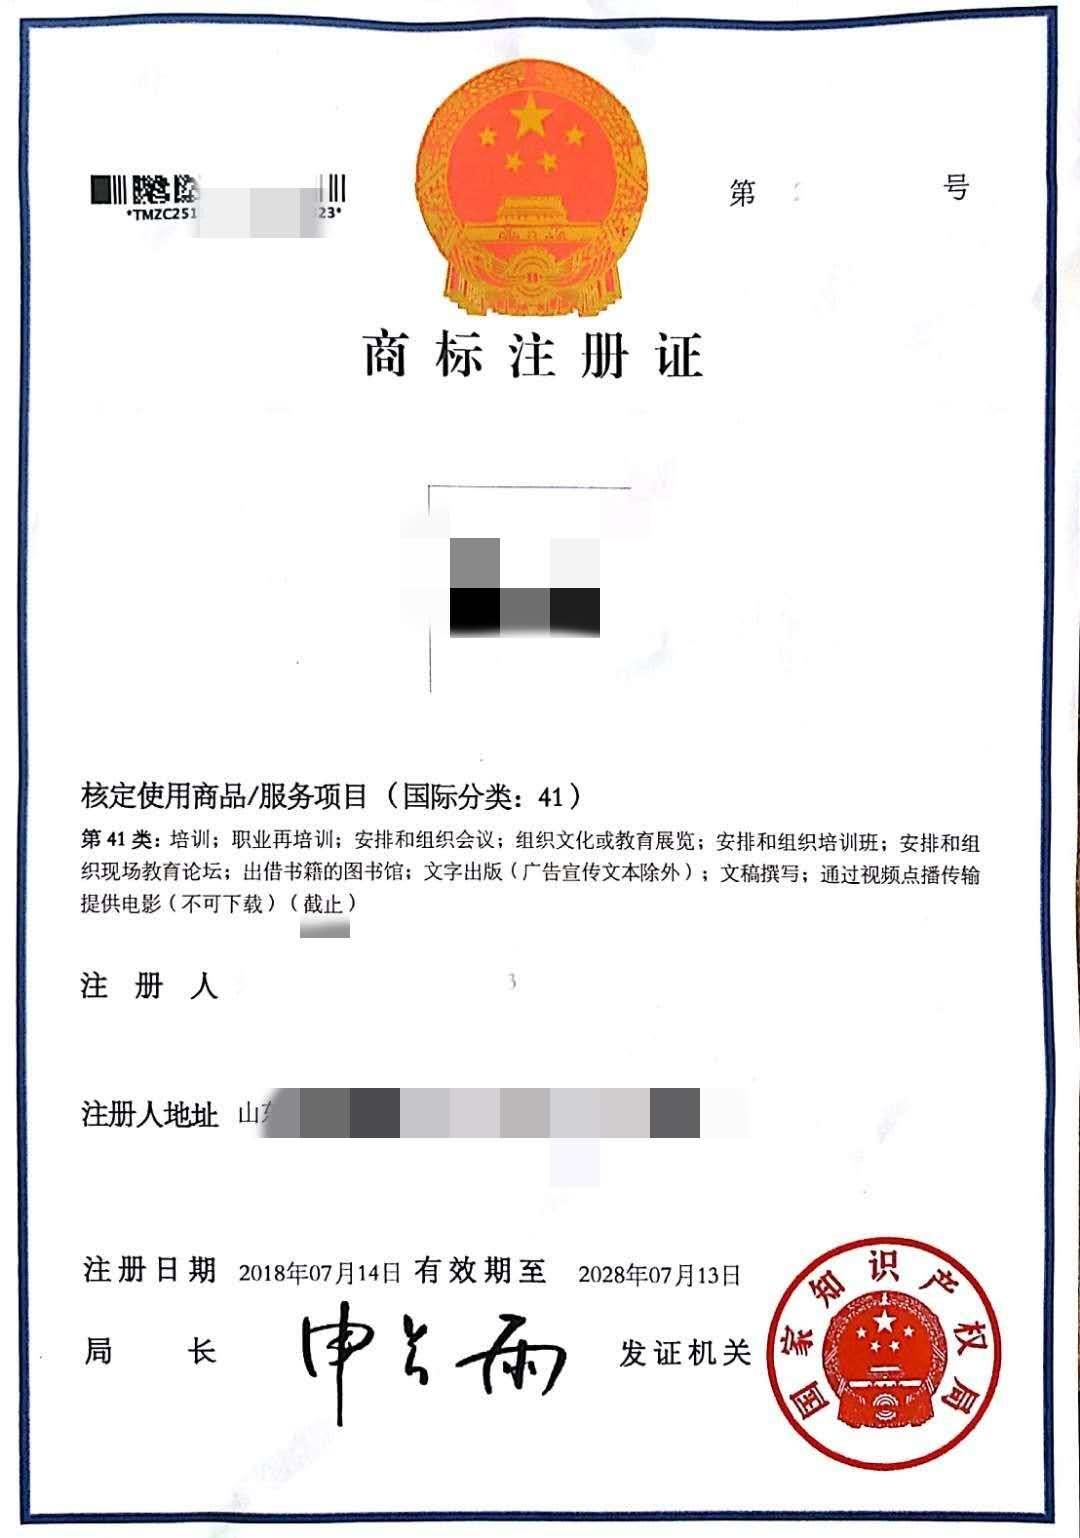 商标证书.jpg